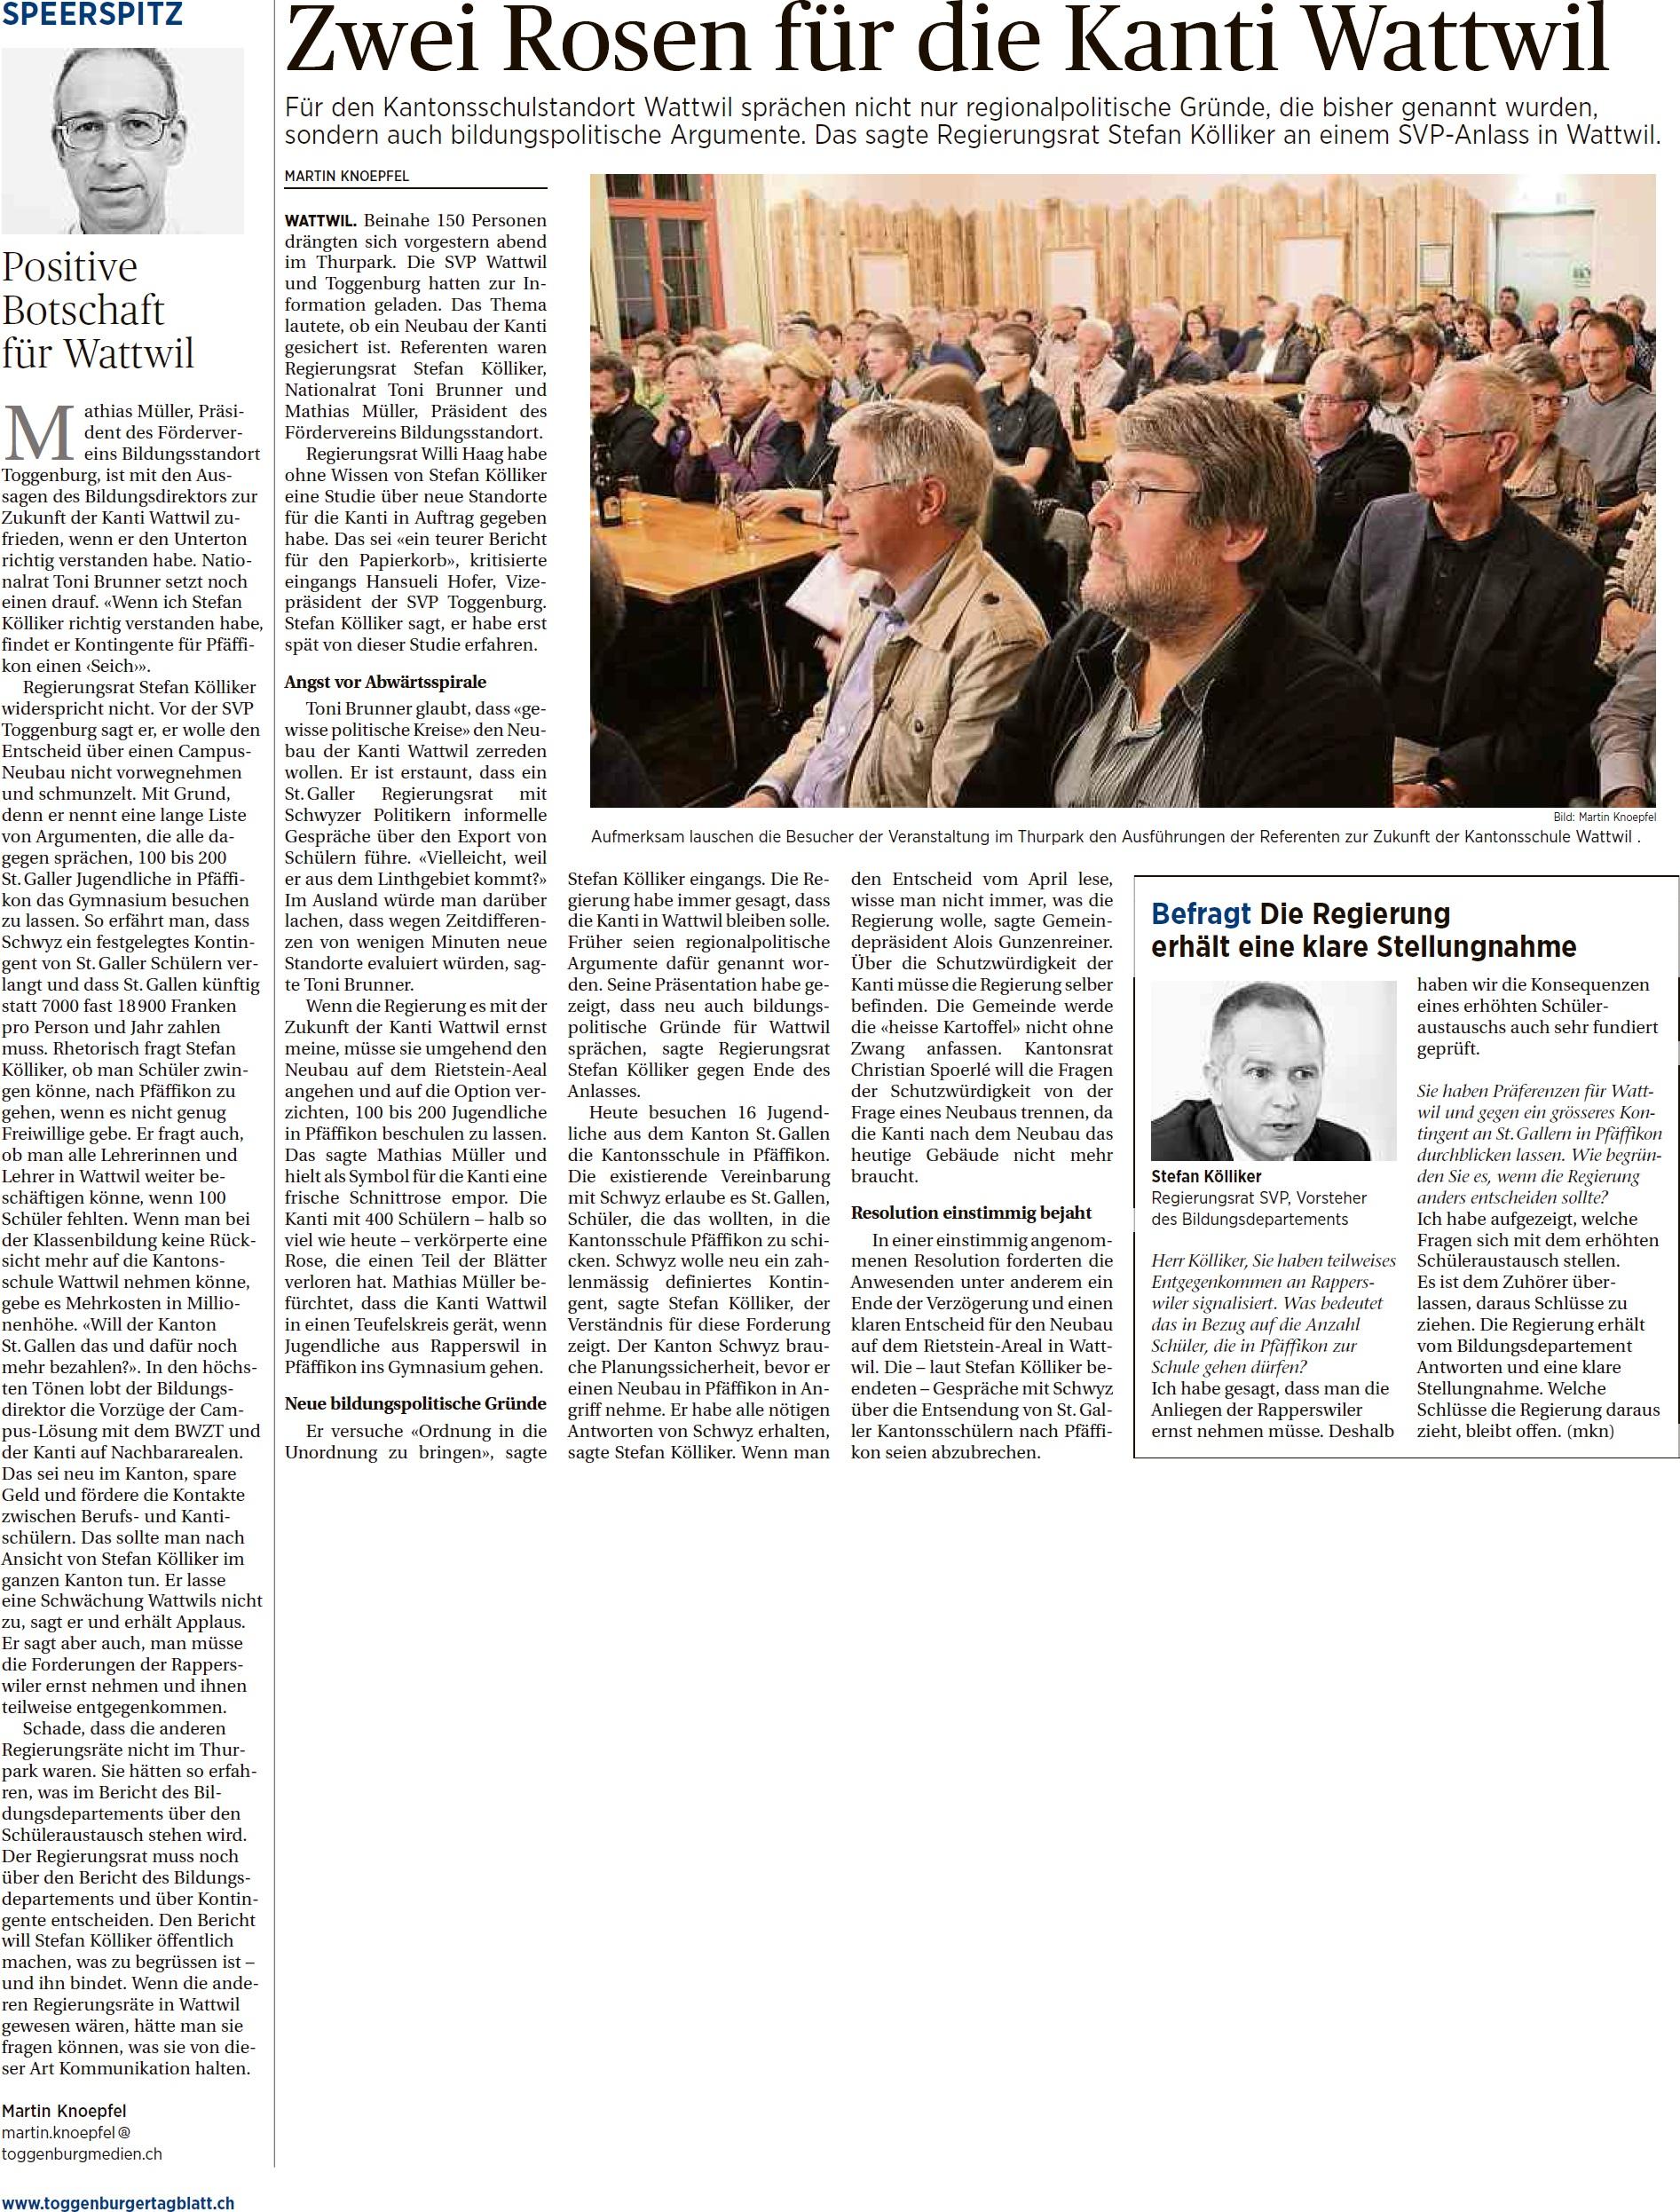 Zwei Rosen für die Kanti Wattwil (Freitag, 14.11.2014)